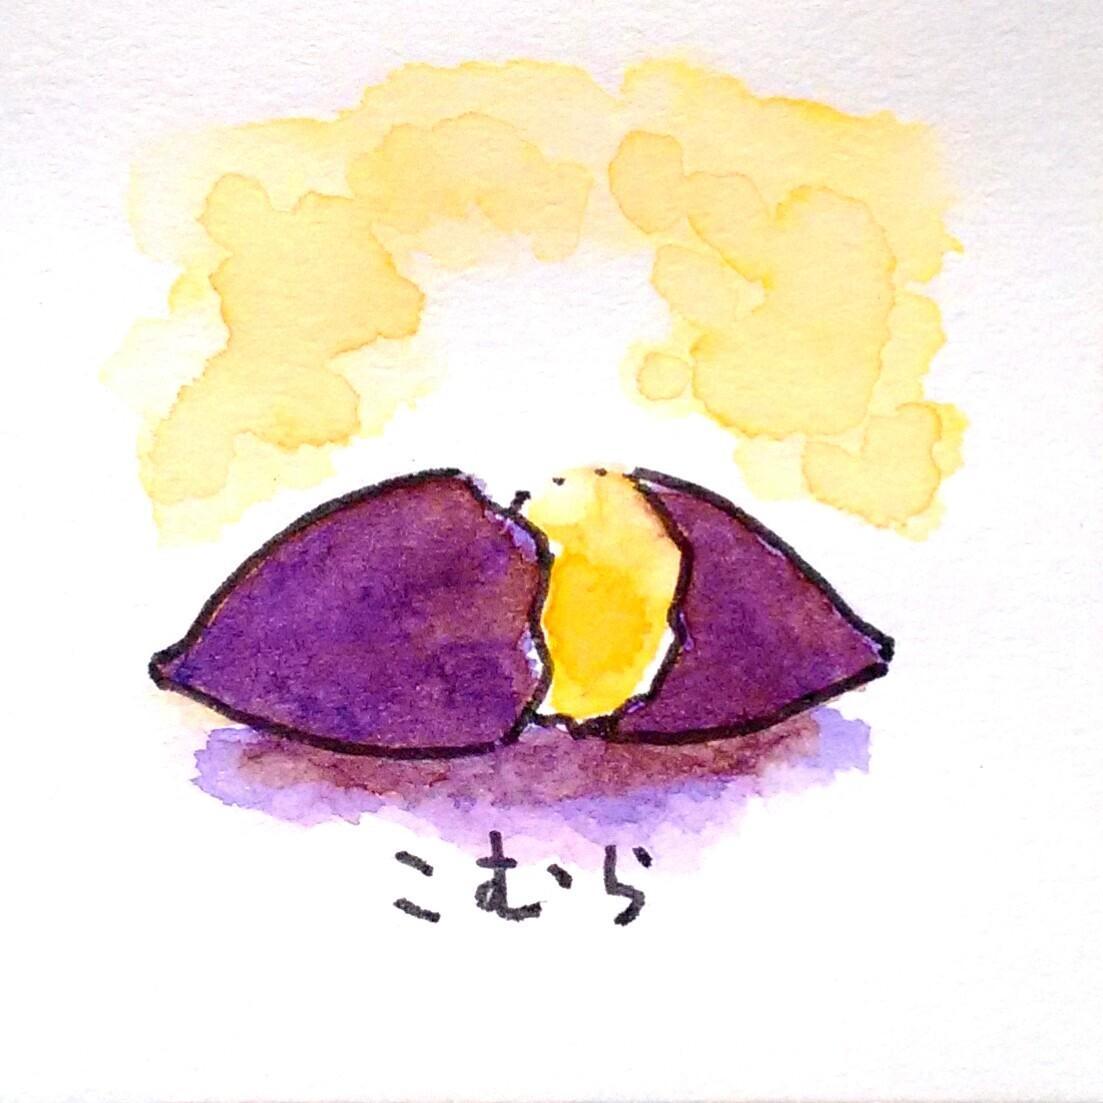 水彩でイラストを描きます お部屋にちんまりした癒やしのイラストを。 イメージ1